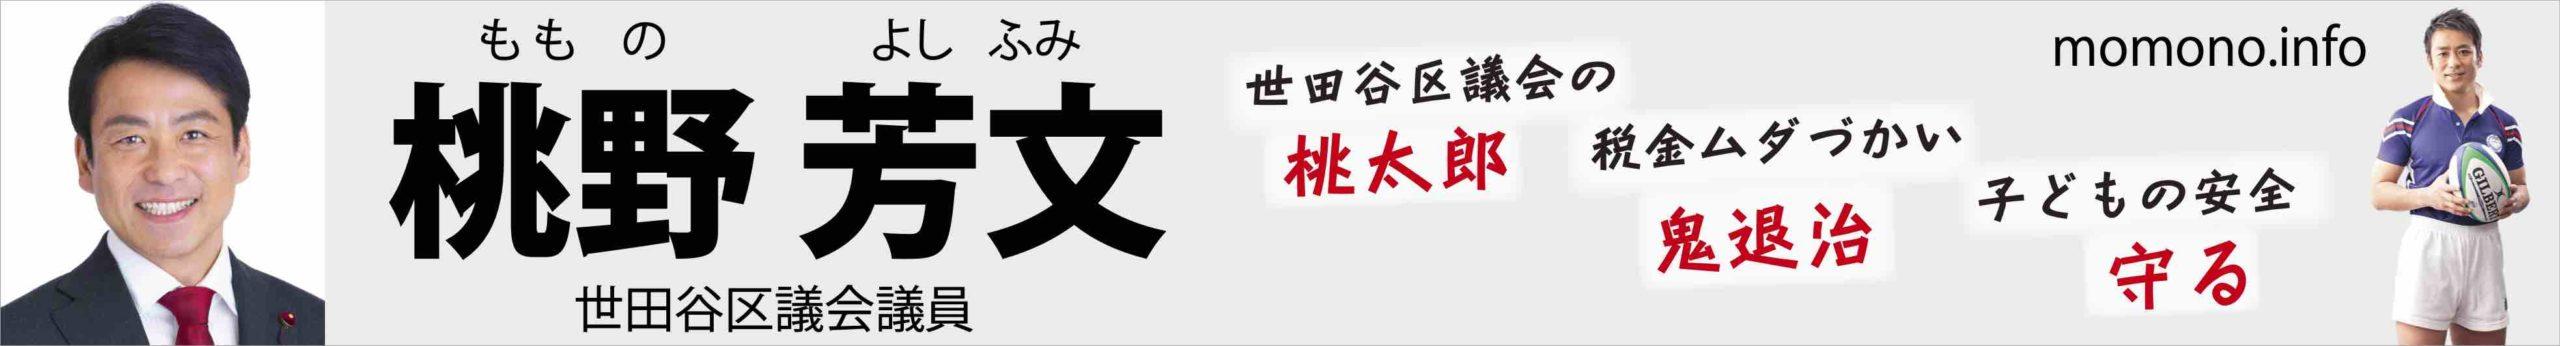 世田谷区議会議員 桃野芳文